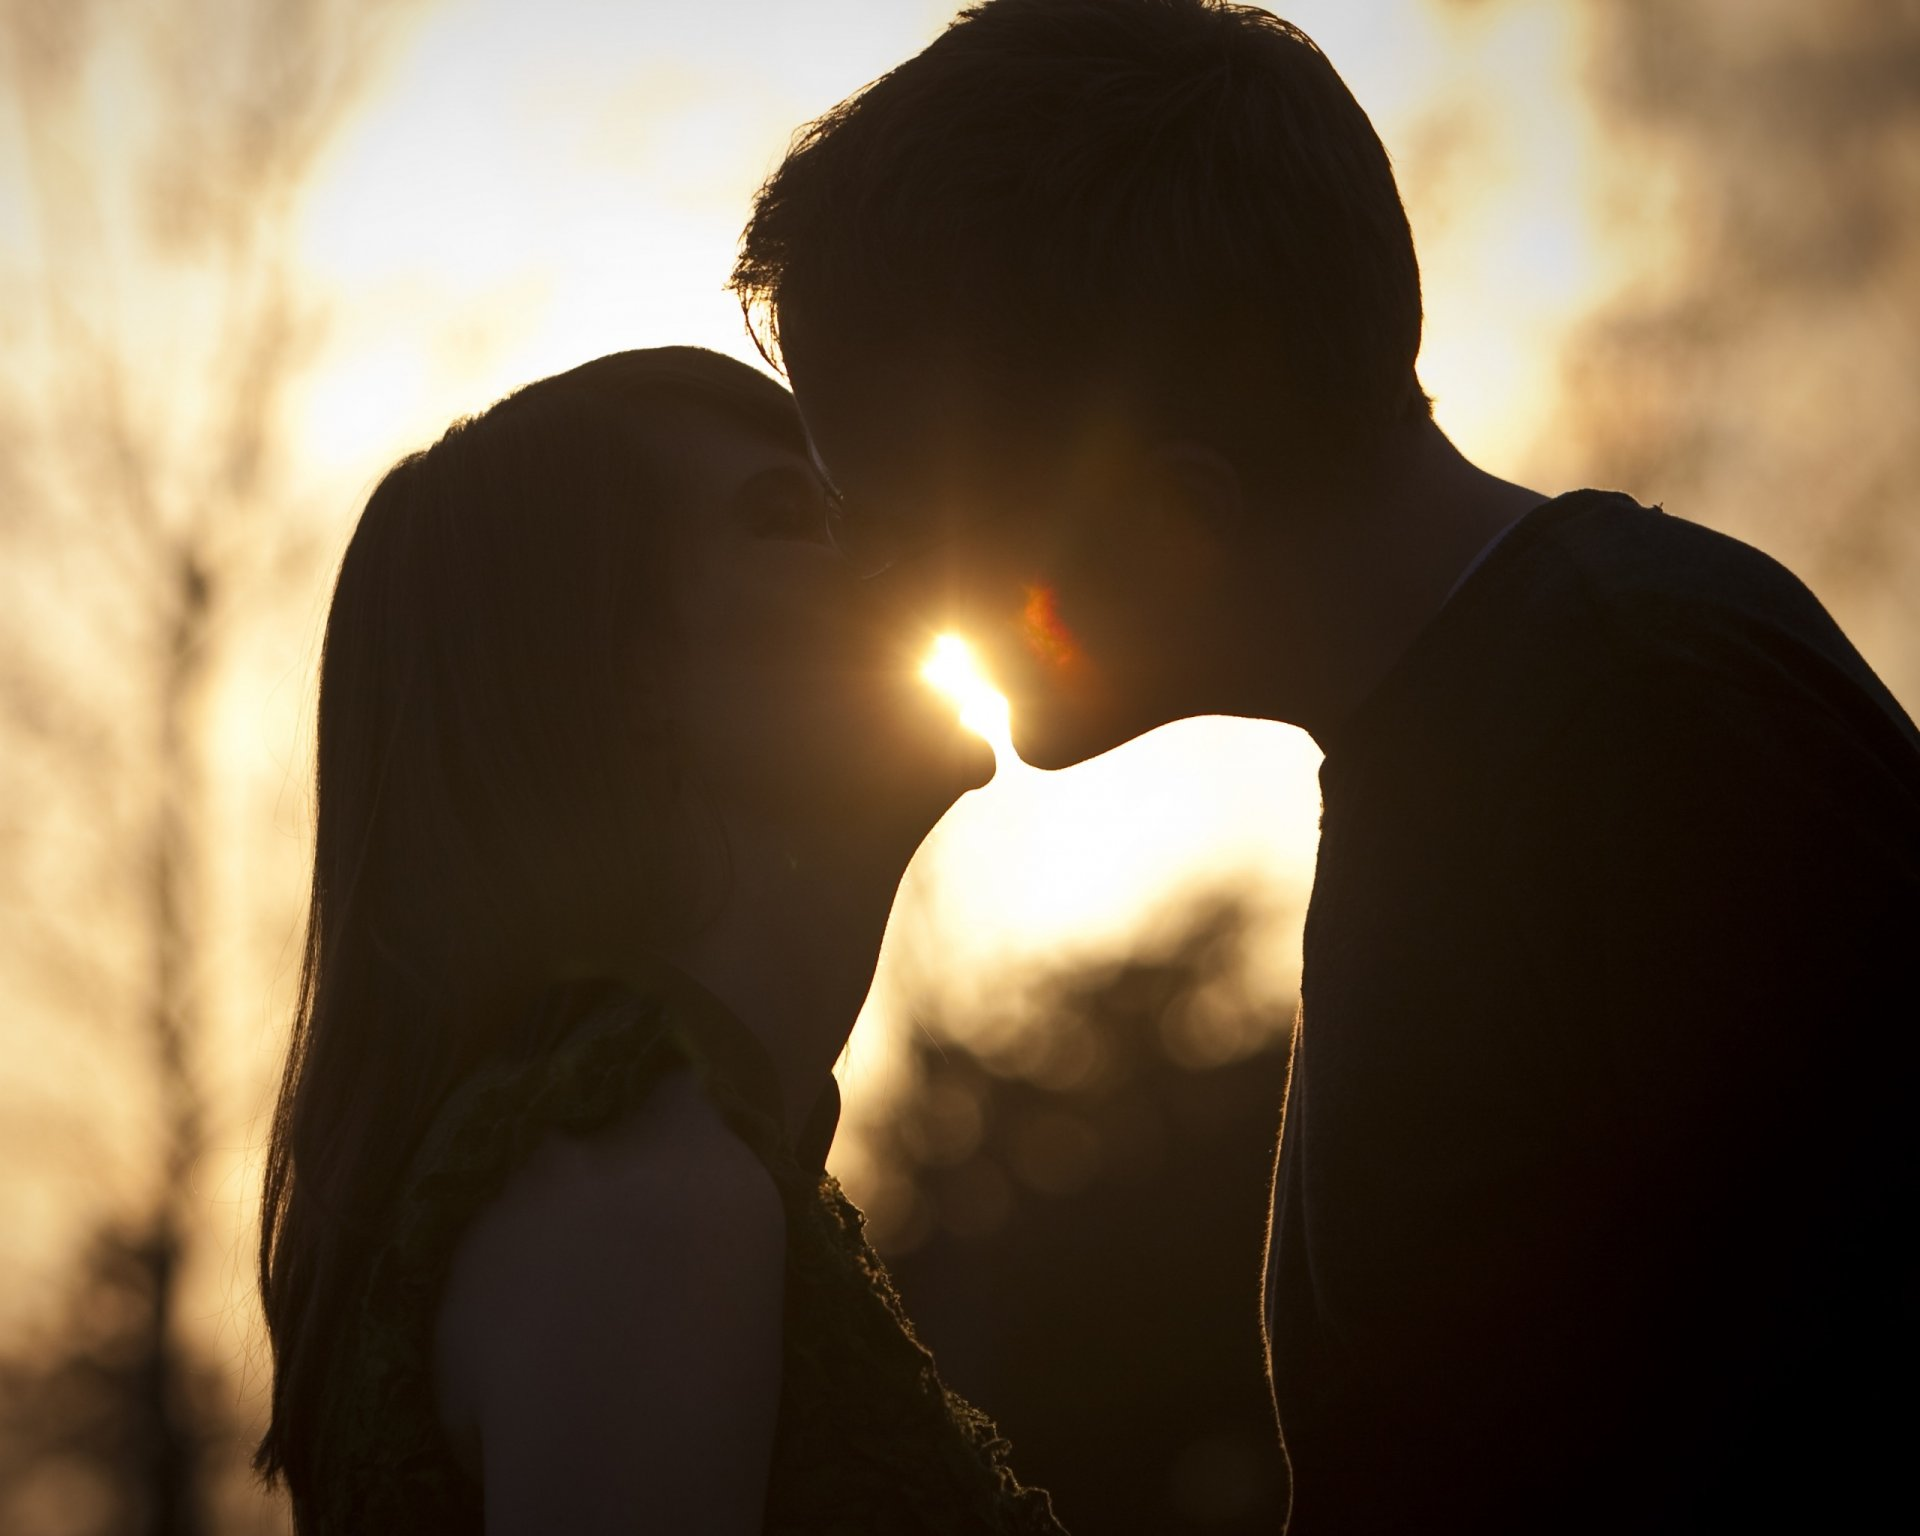 Лучшие картинки, картинки любовь для парня